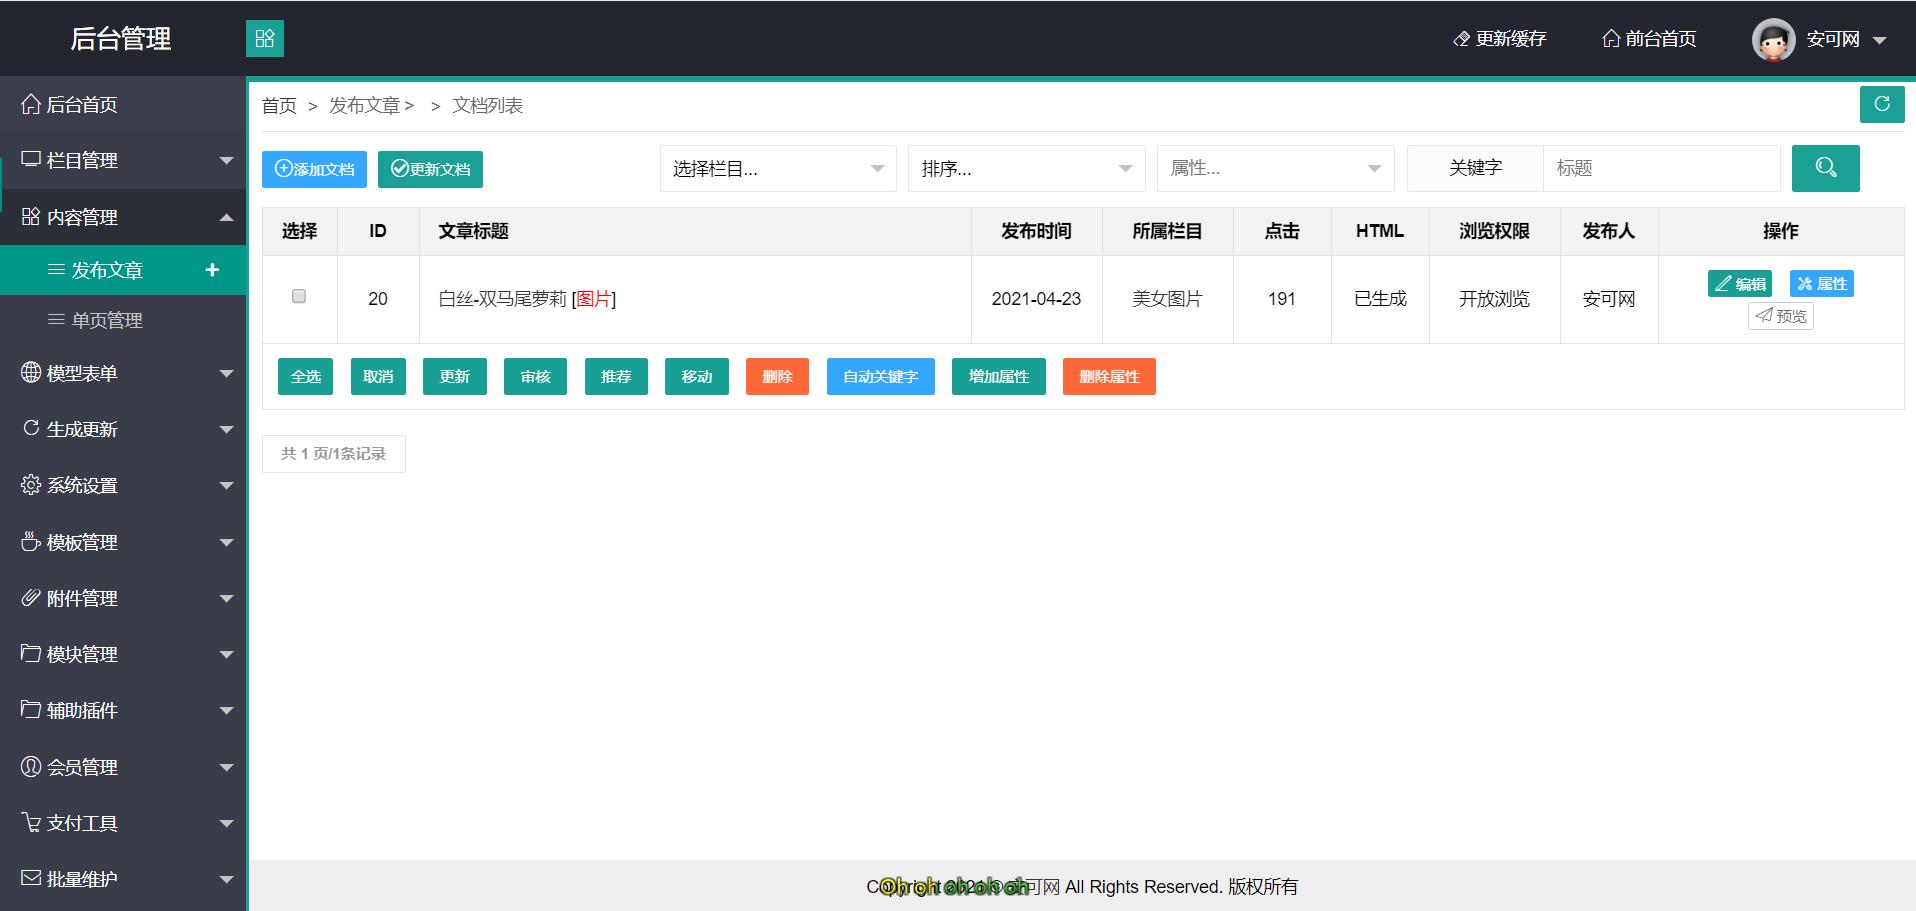 非常简洁的导航网源码+安装即可用!